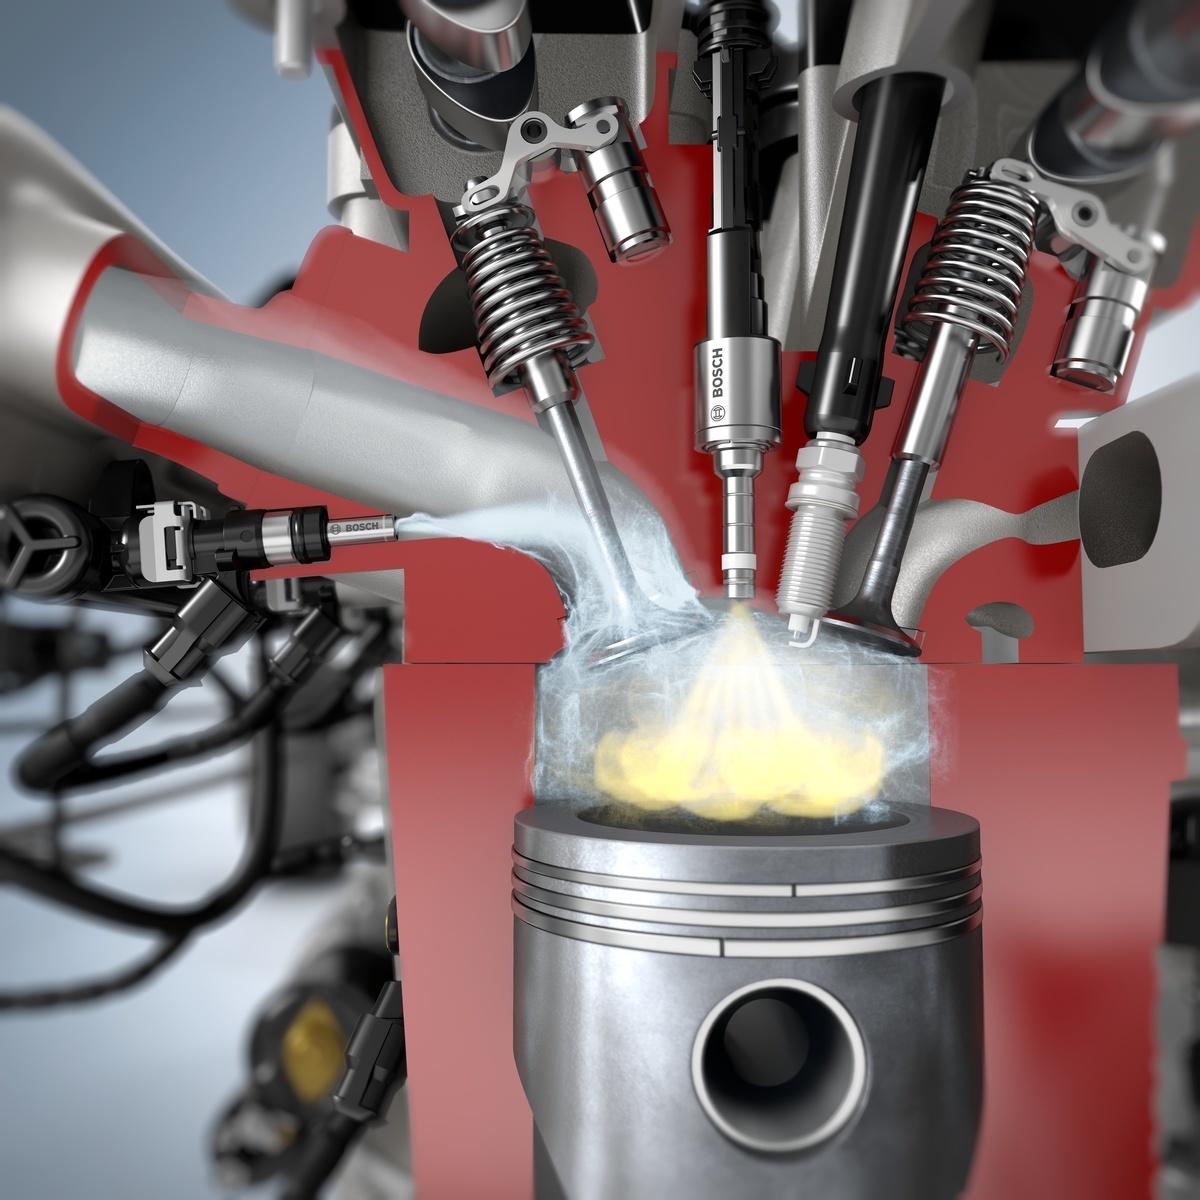 Просто добавь воды. Маленькая добавка H₂О повышает мощность ДВС и экономит топливо